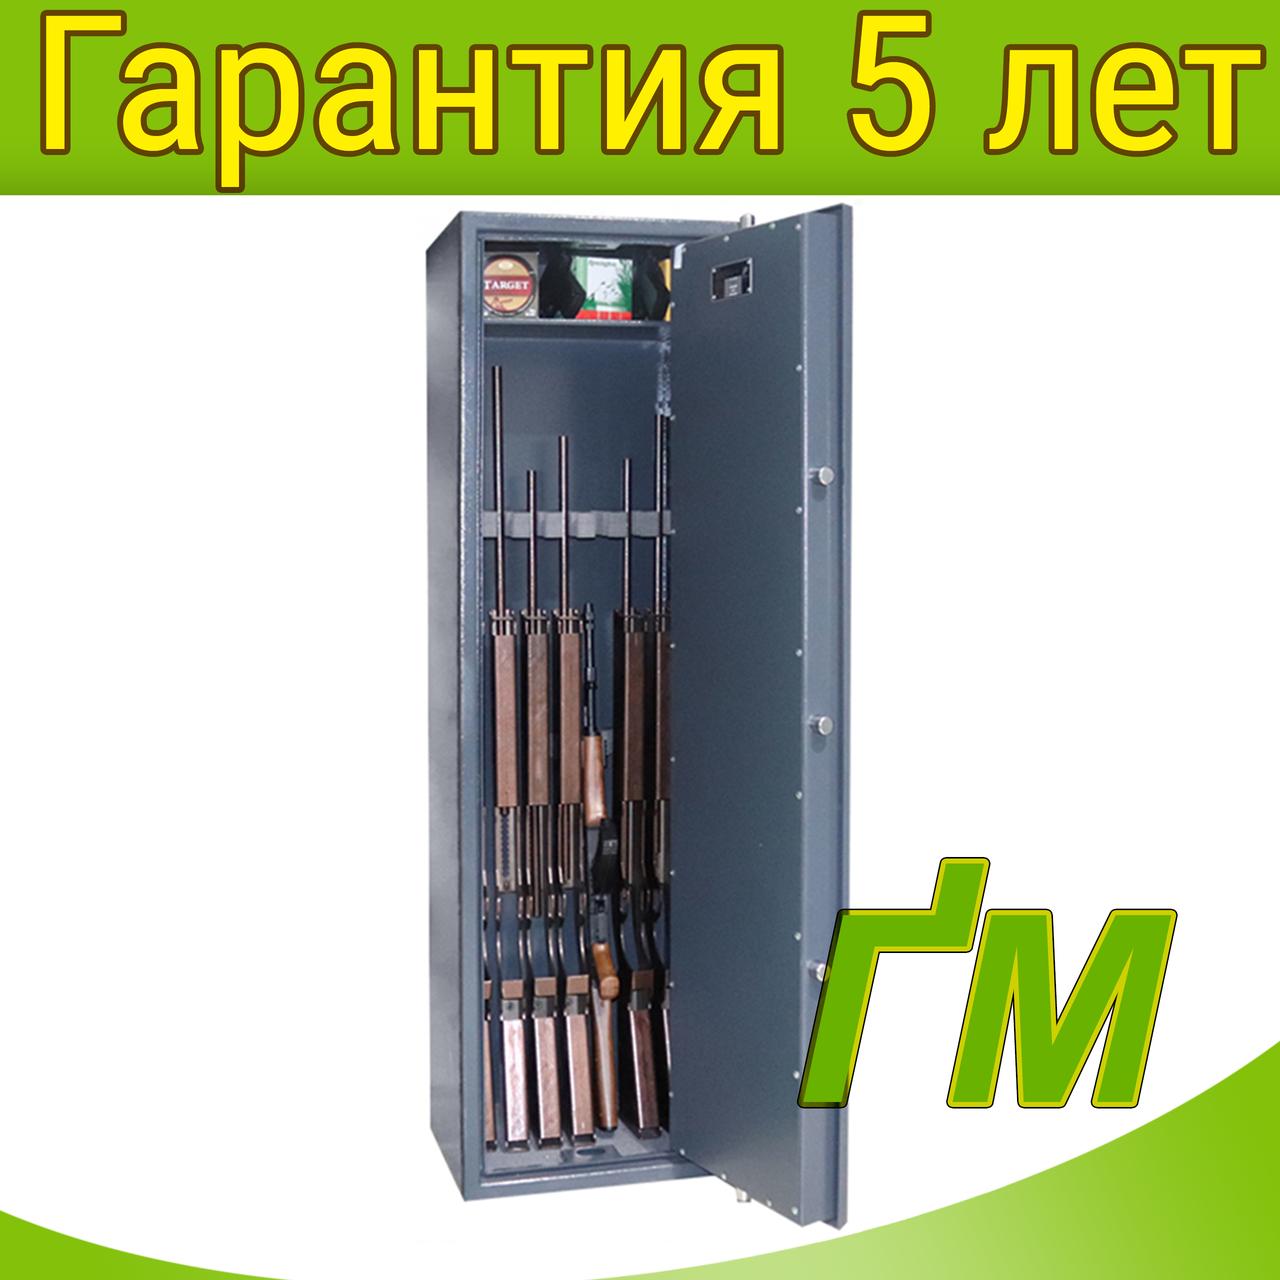 Сейф оружейный GH.450.К